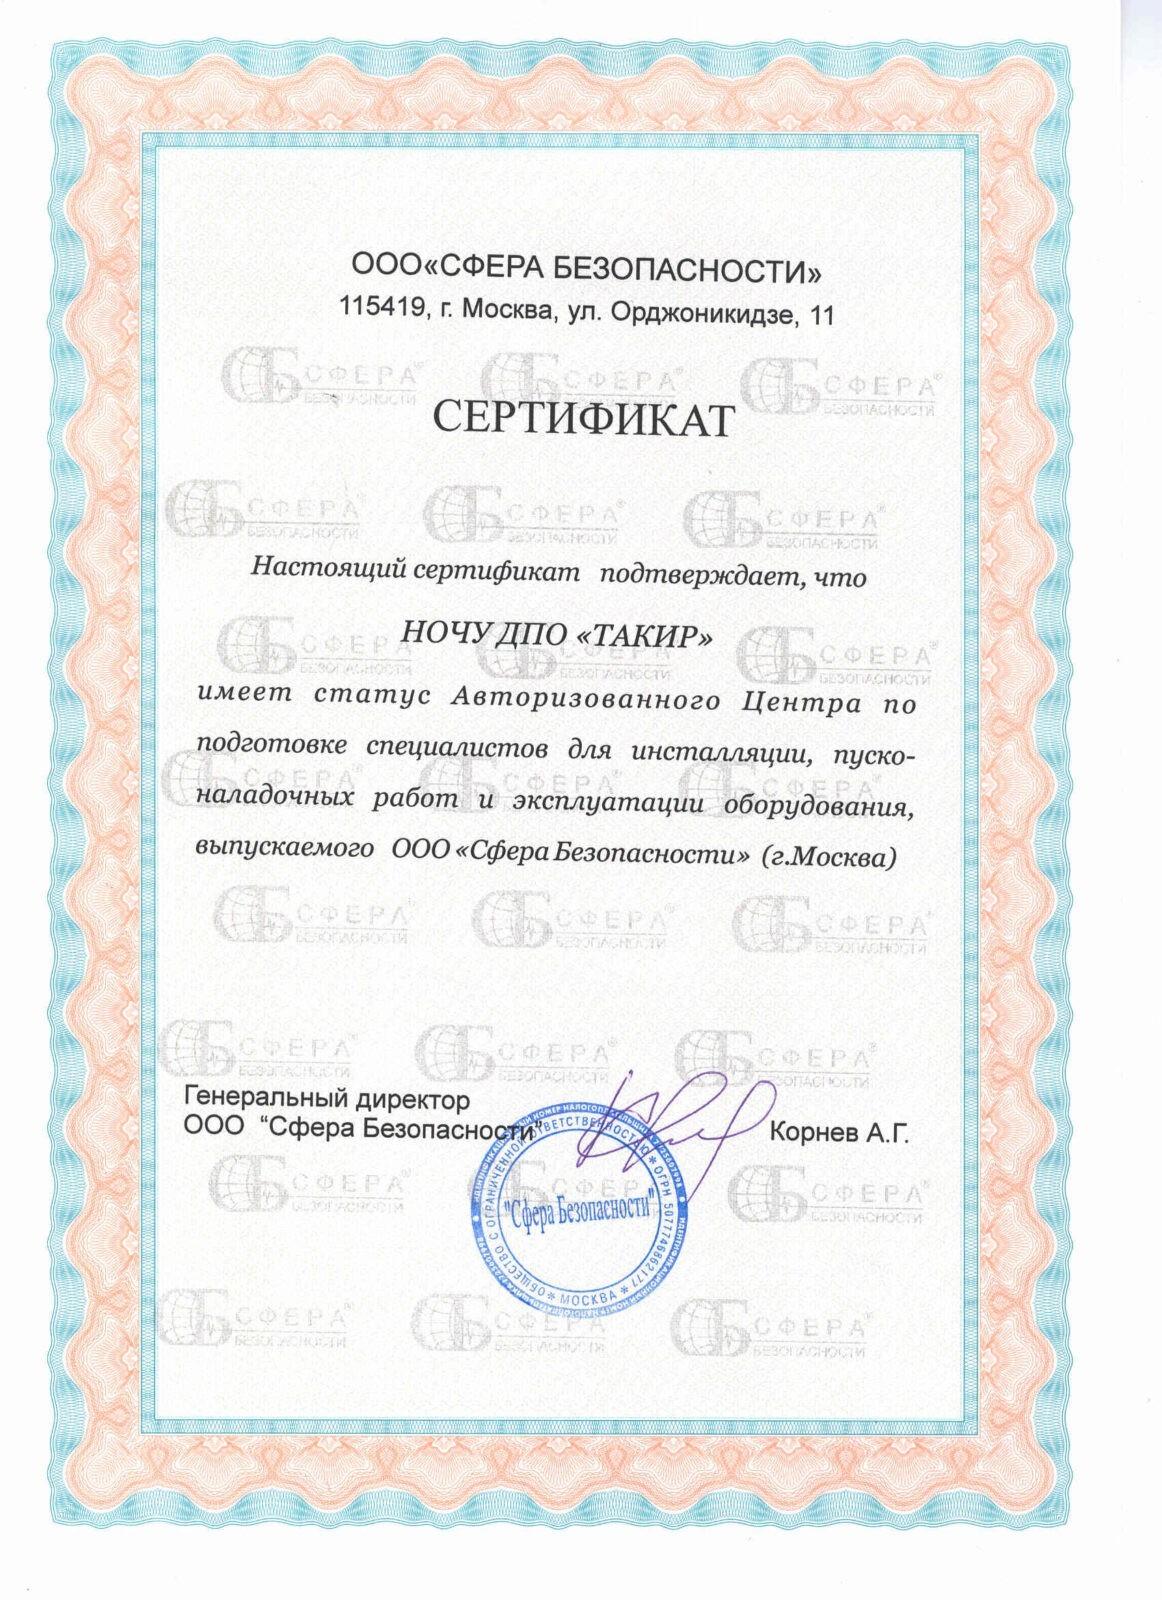 Сертификат Сфера безопасности